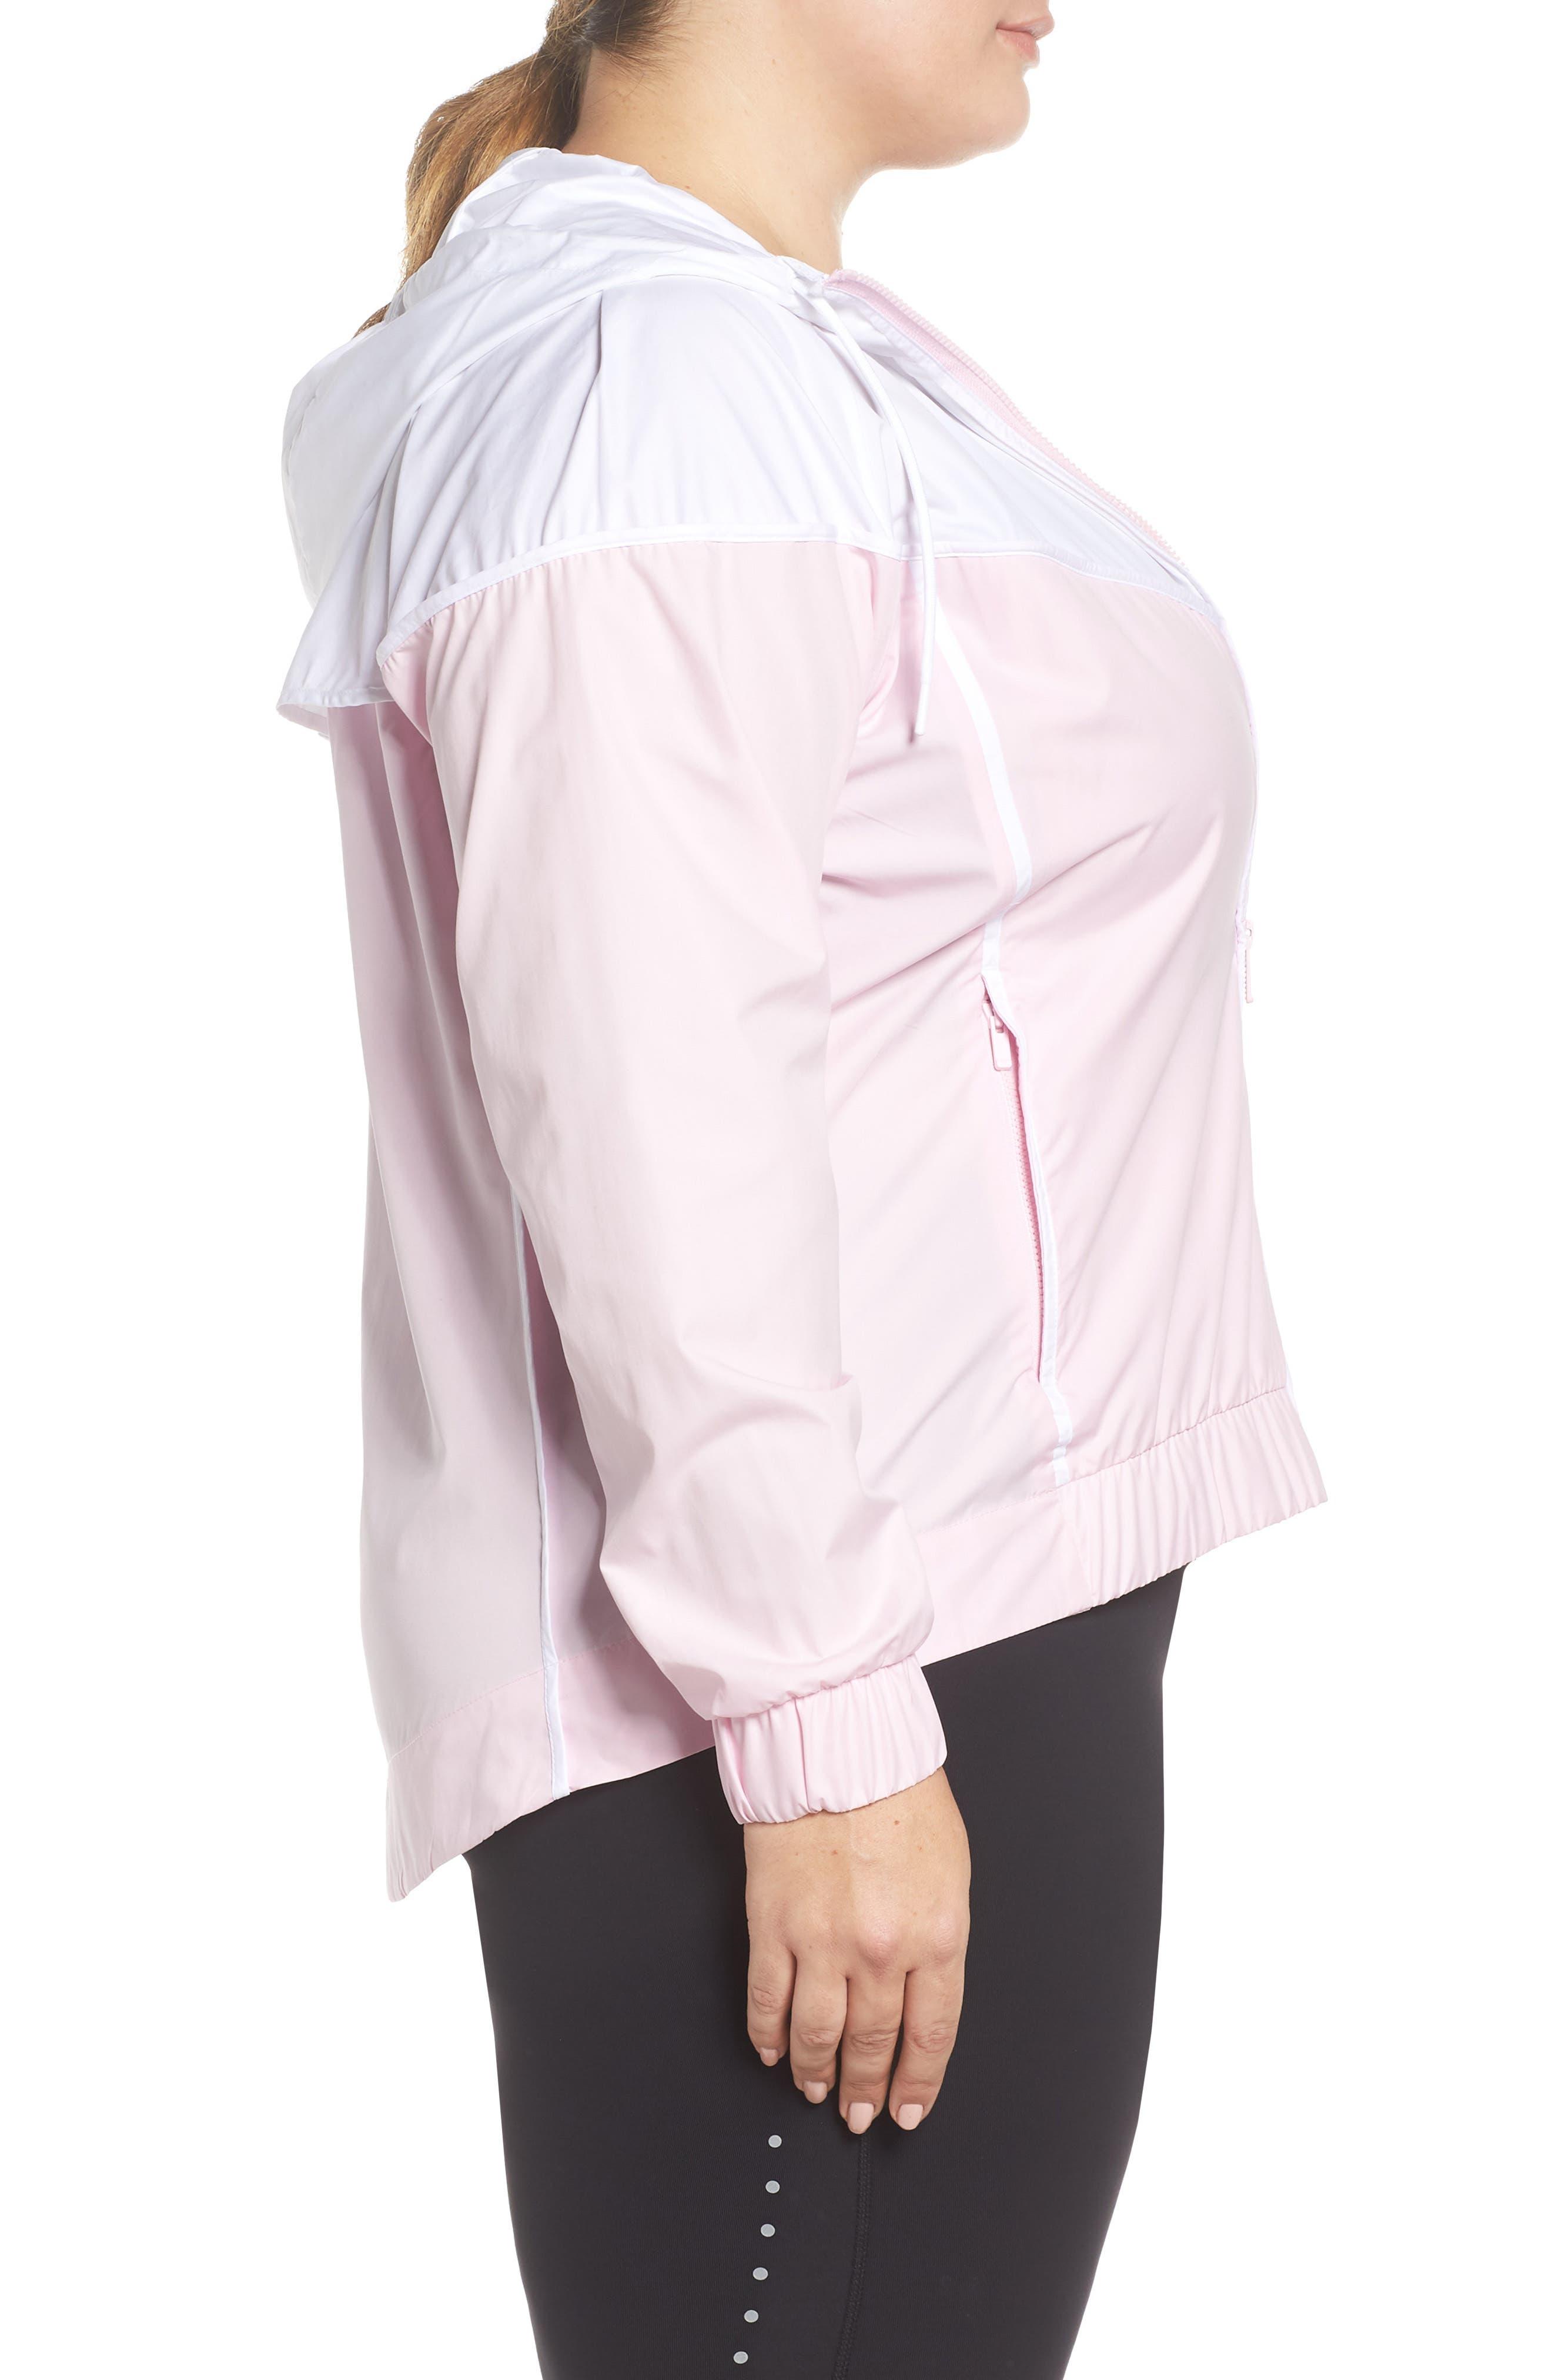 NIKE,                             Sportswear Windrunner Jacket,                             Alternate thumbnail 3, color,                             PINK FOAM/ WHITE/ PINK FOAM